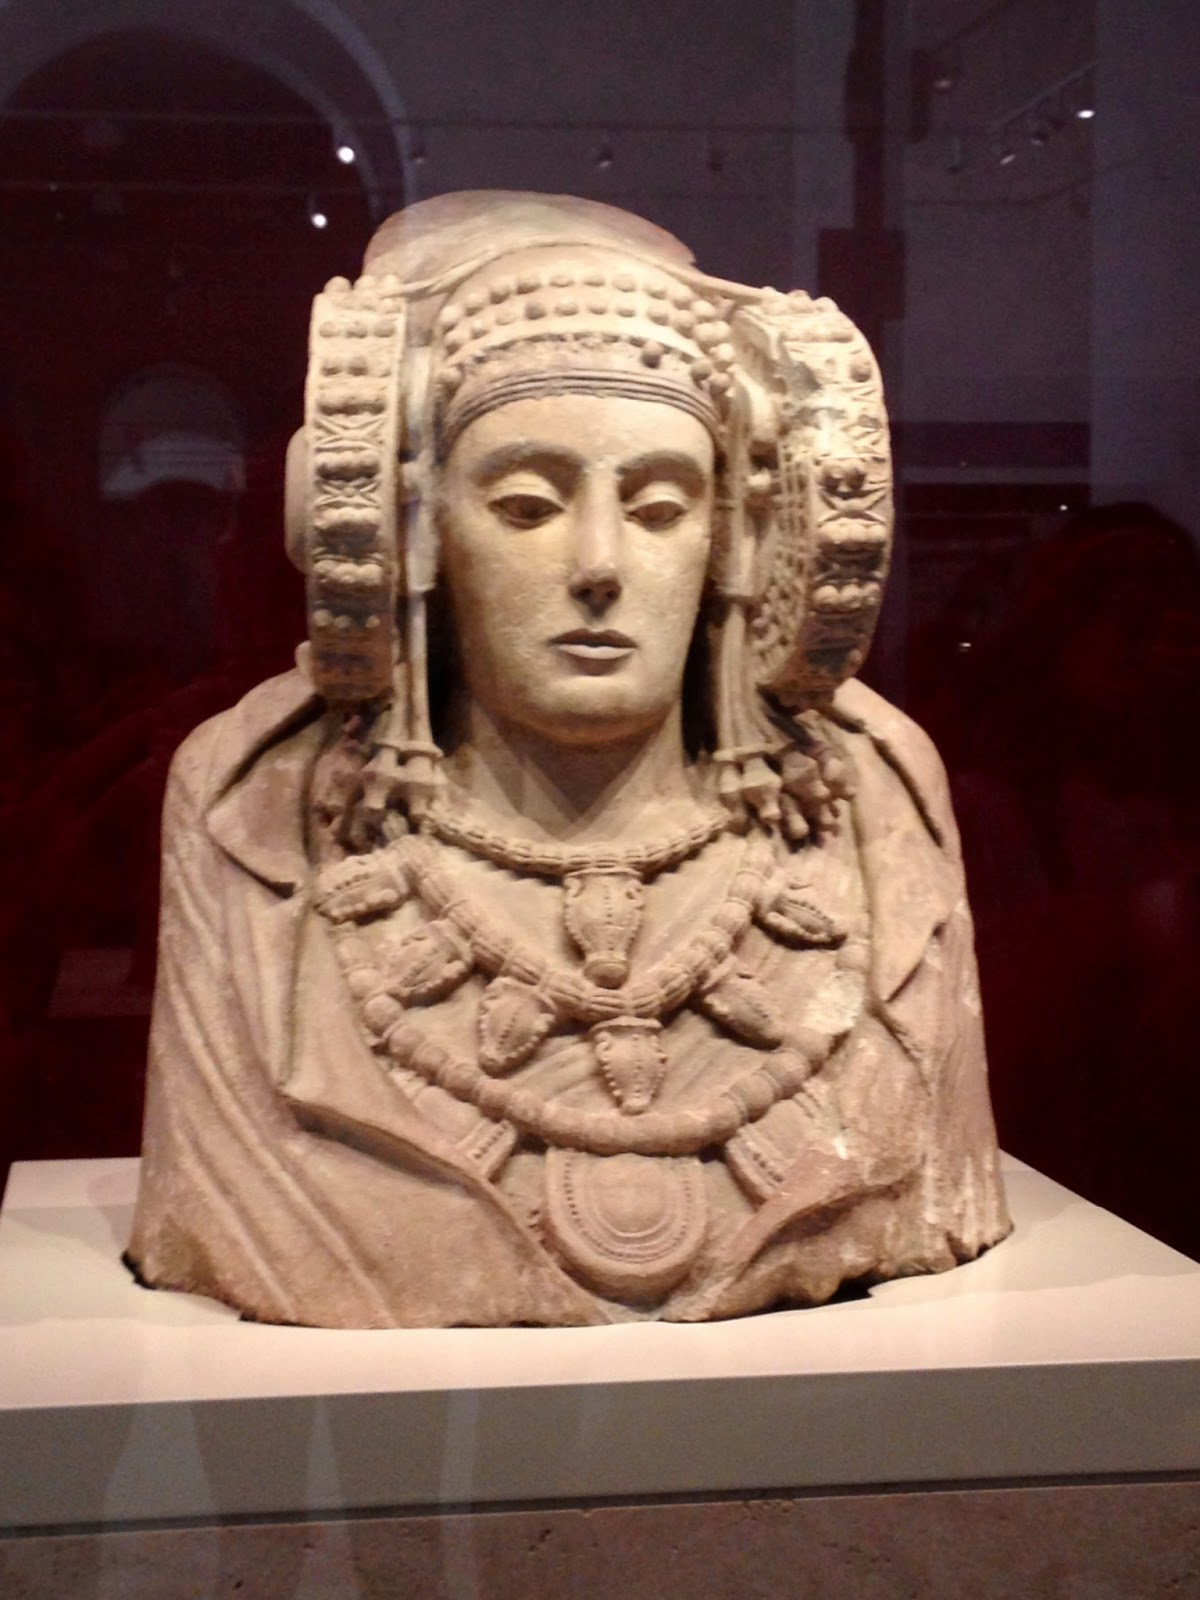 La Dama de Elche - Museo Arqueológico Nacional - MAN - Madrid el troblogdita